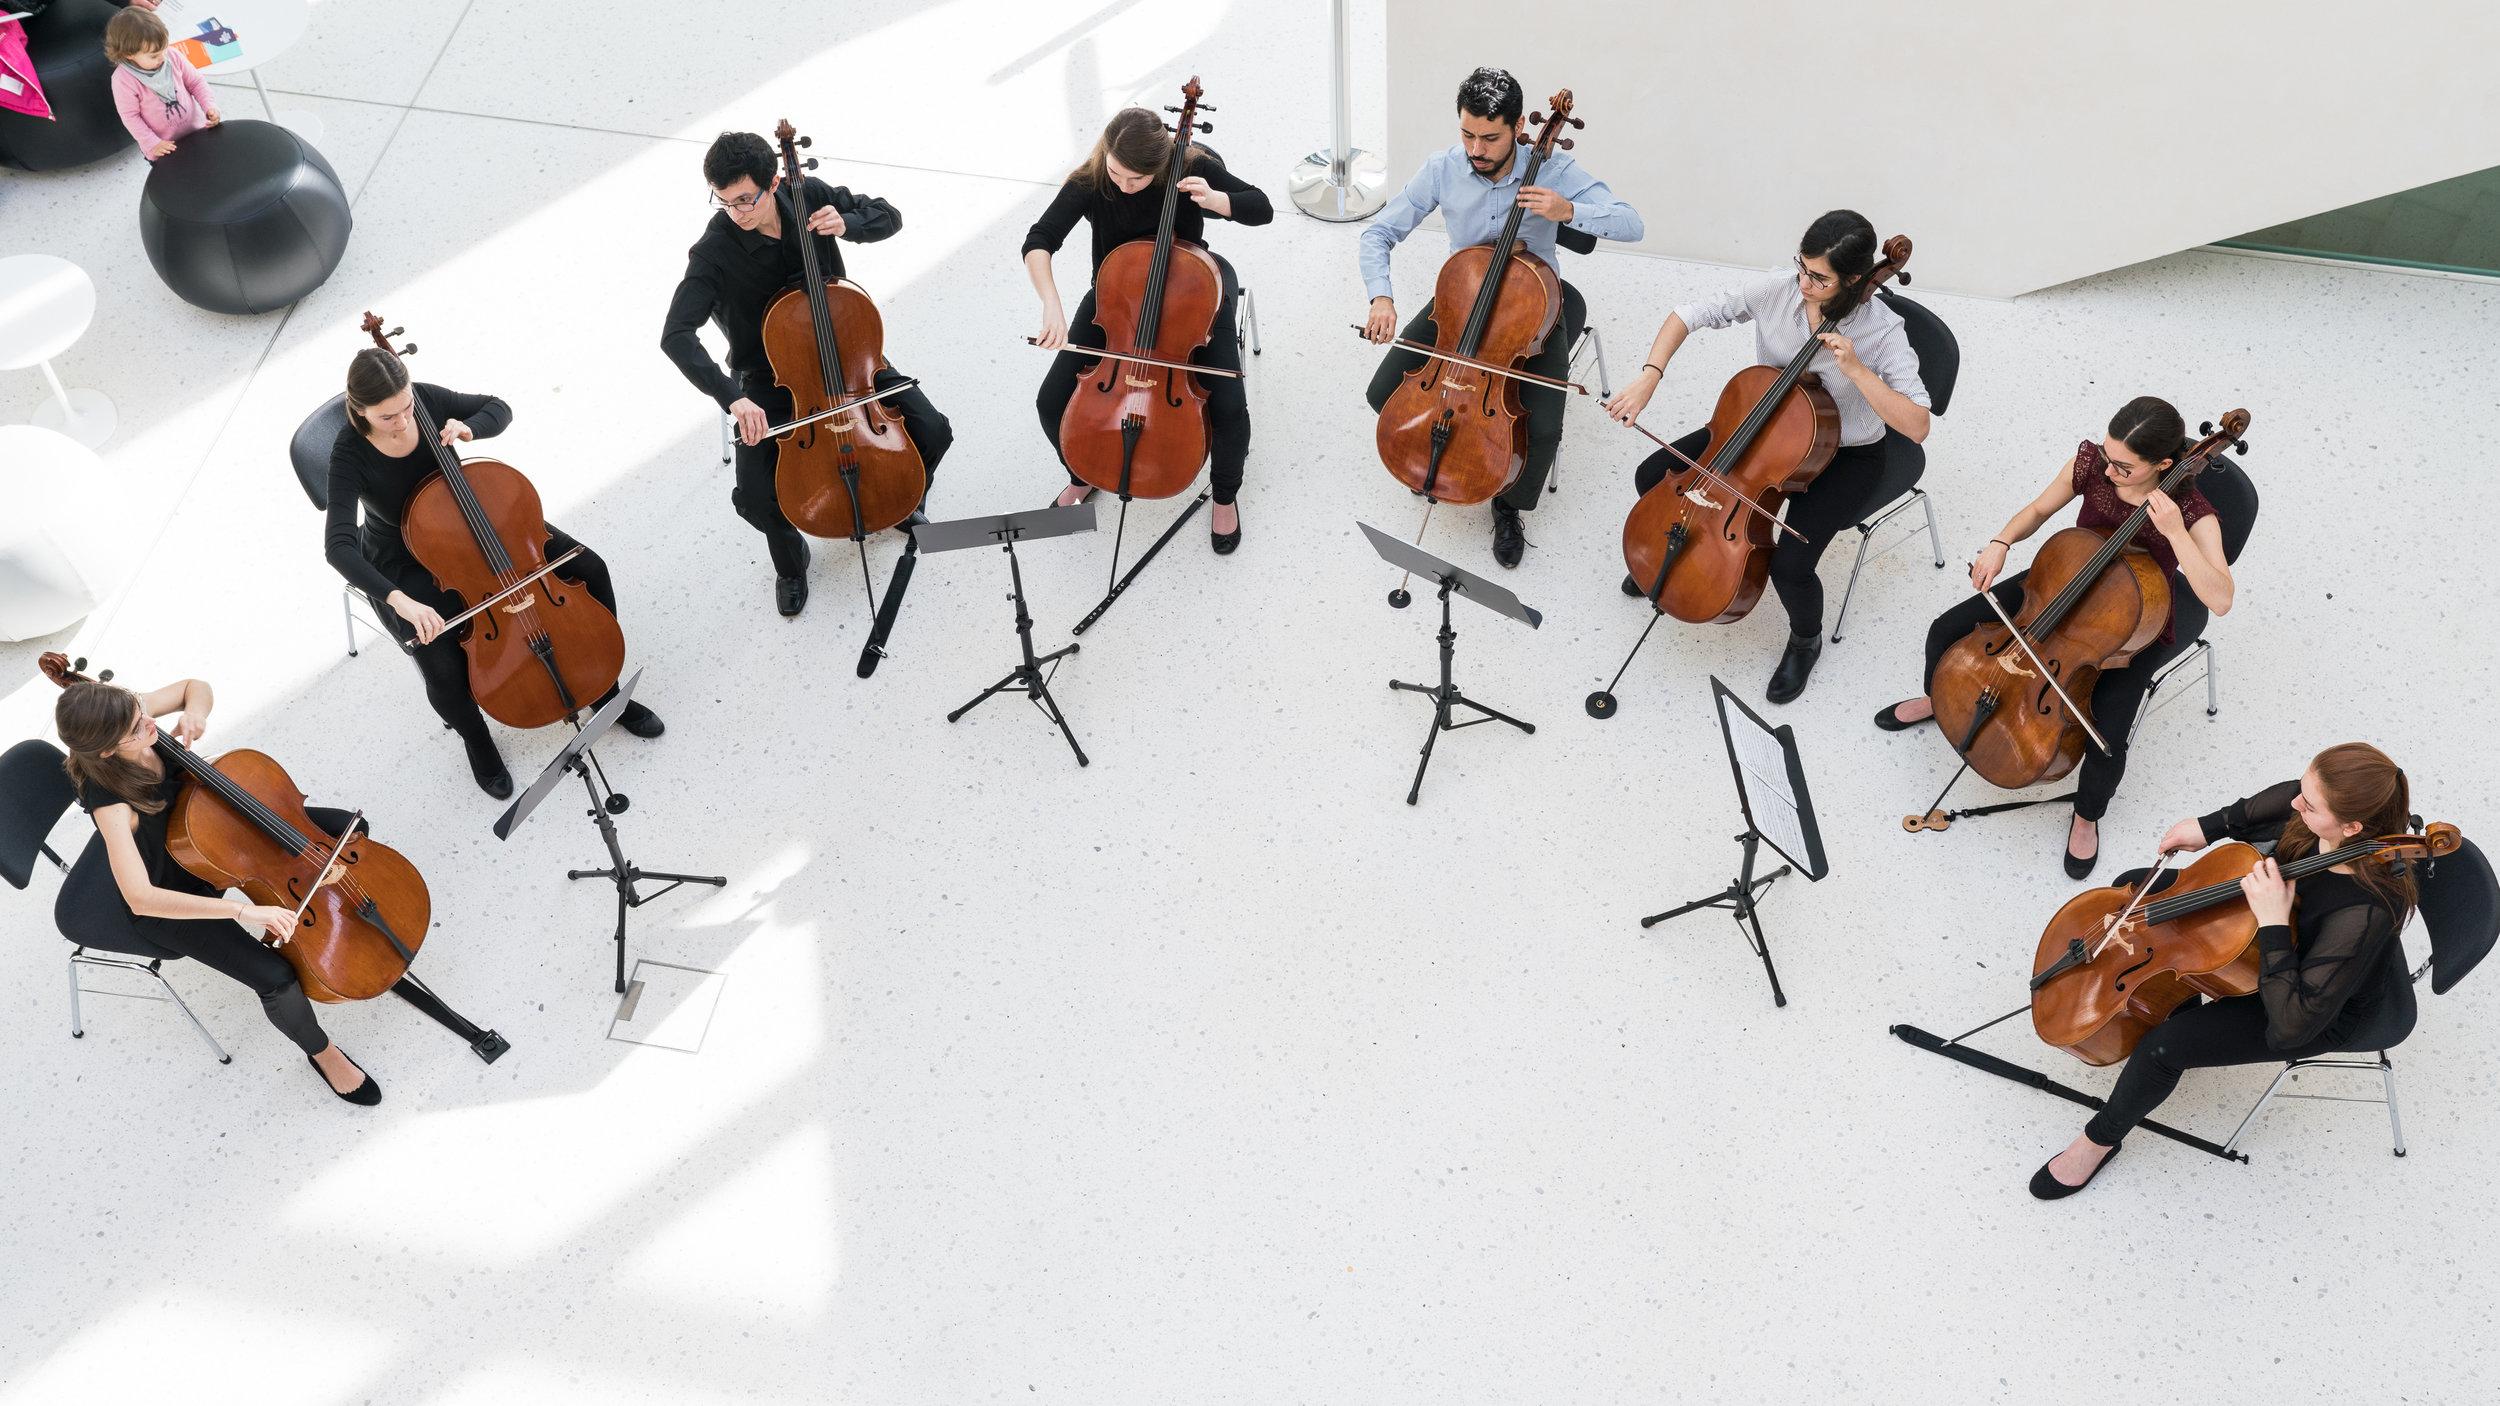 Konzert am Mittag - Cello20180206_029-036.jpg